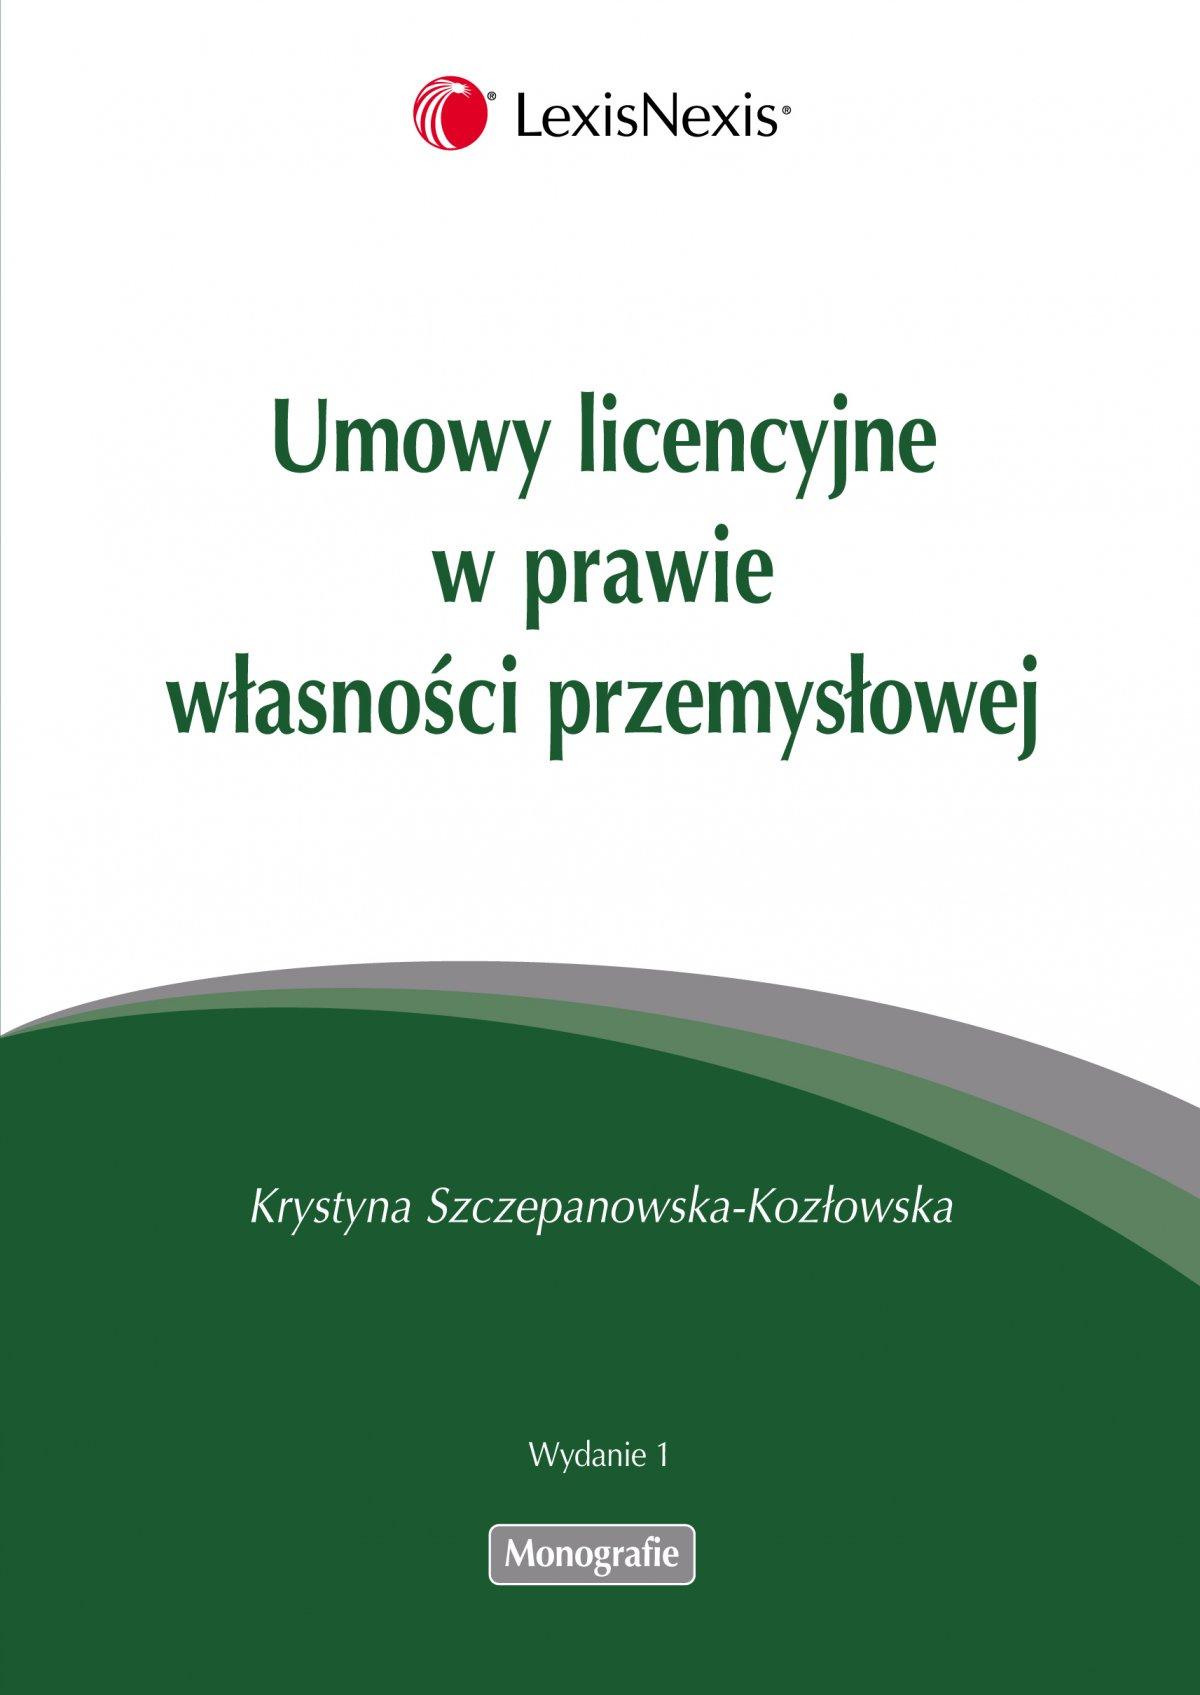 Umowy licencyjne w prawie własności przemysłowej - Ebook (Książka PDF) do pobrania w formacie PDF